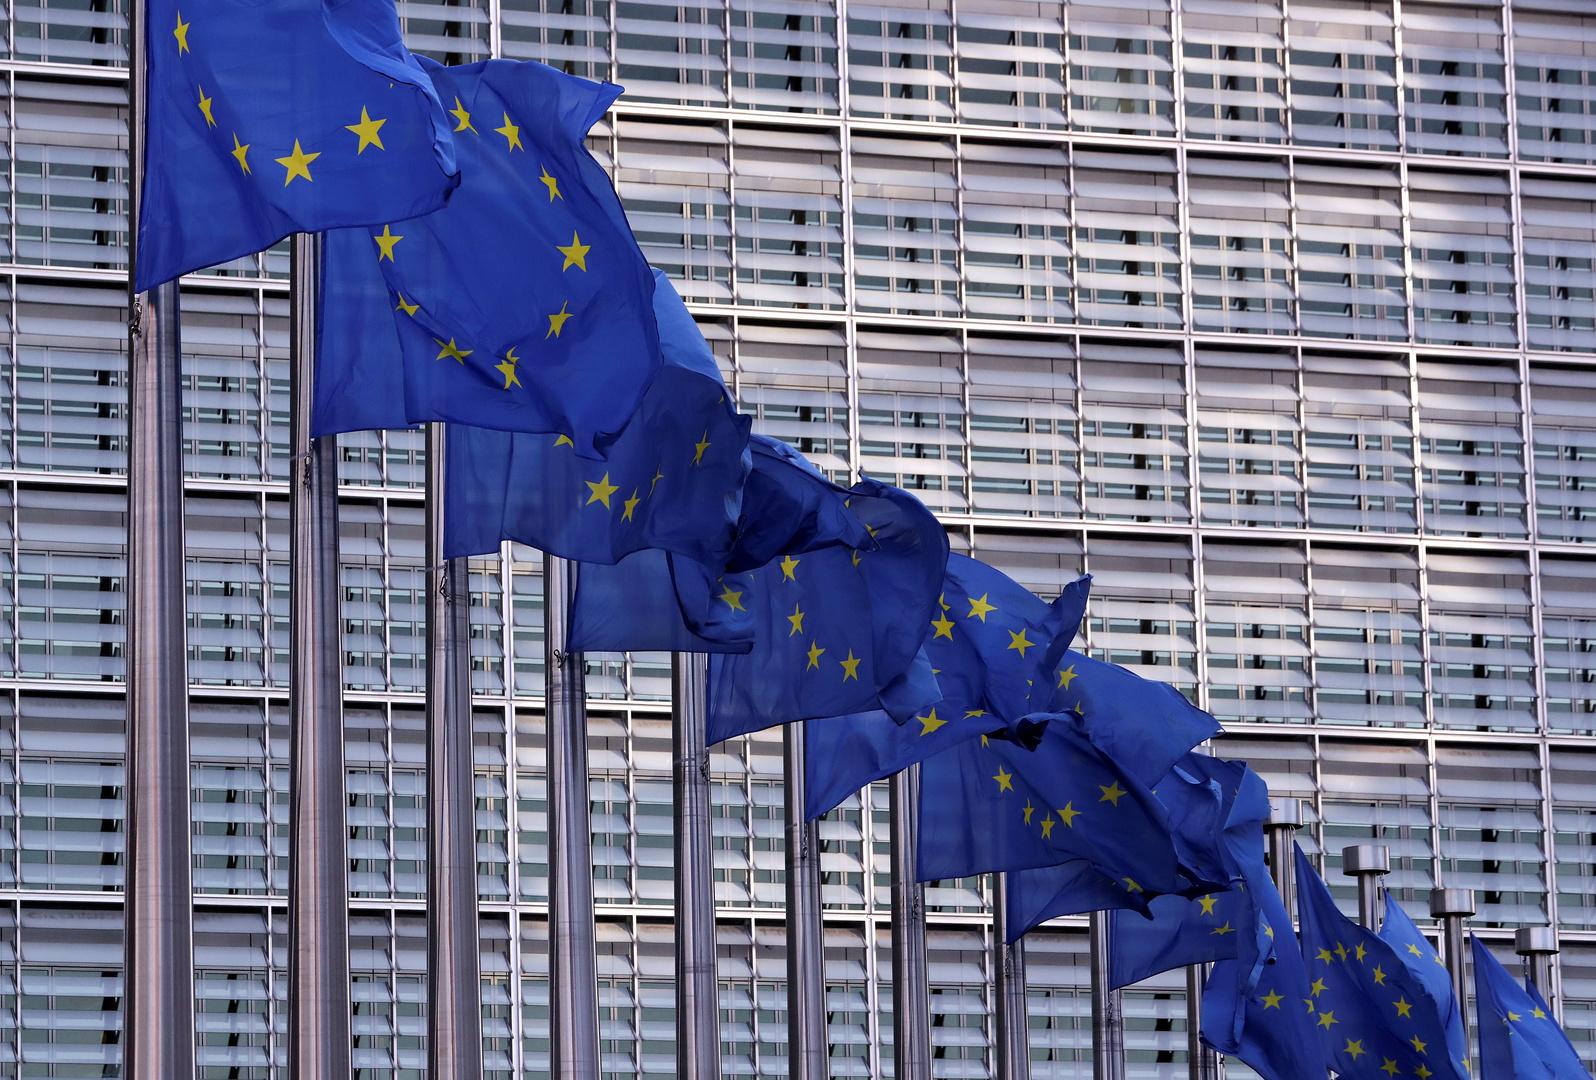 الاتحاد الأوروبي يعيش الآن أصعب الأيام في تاريخه